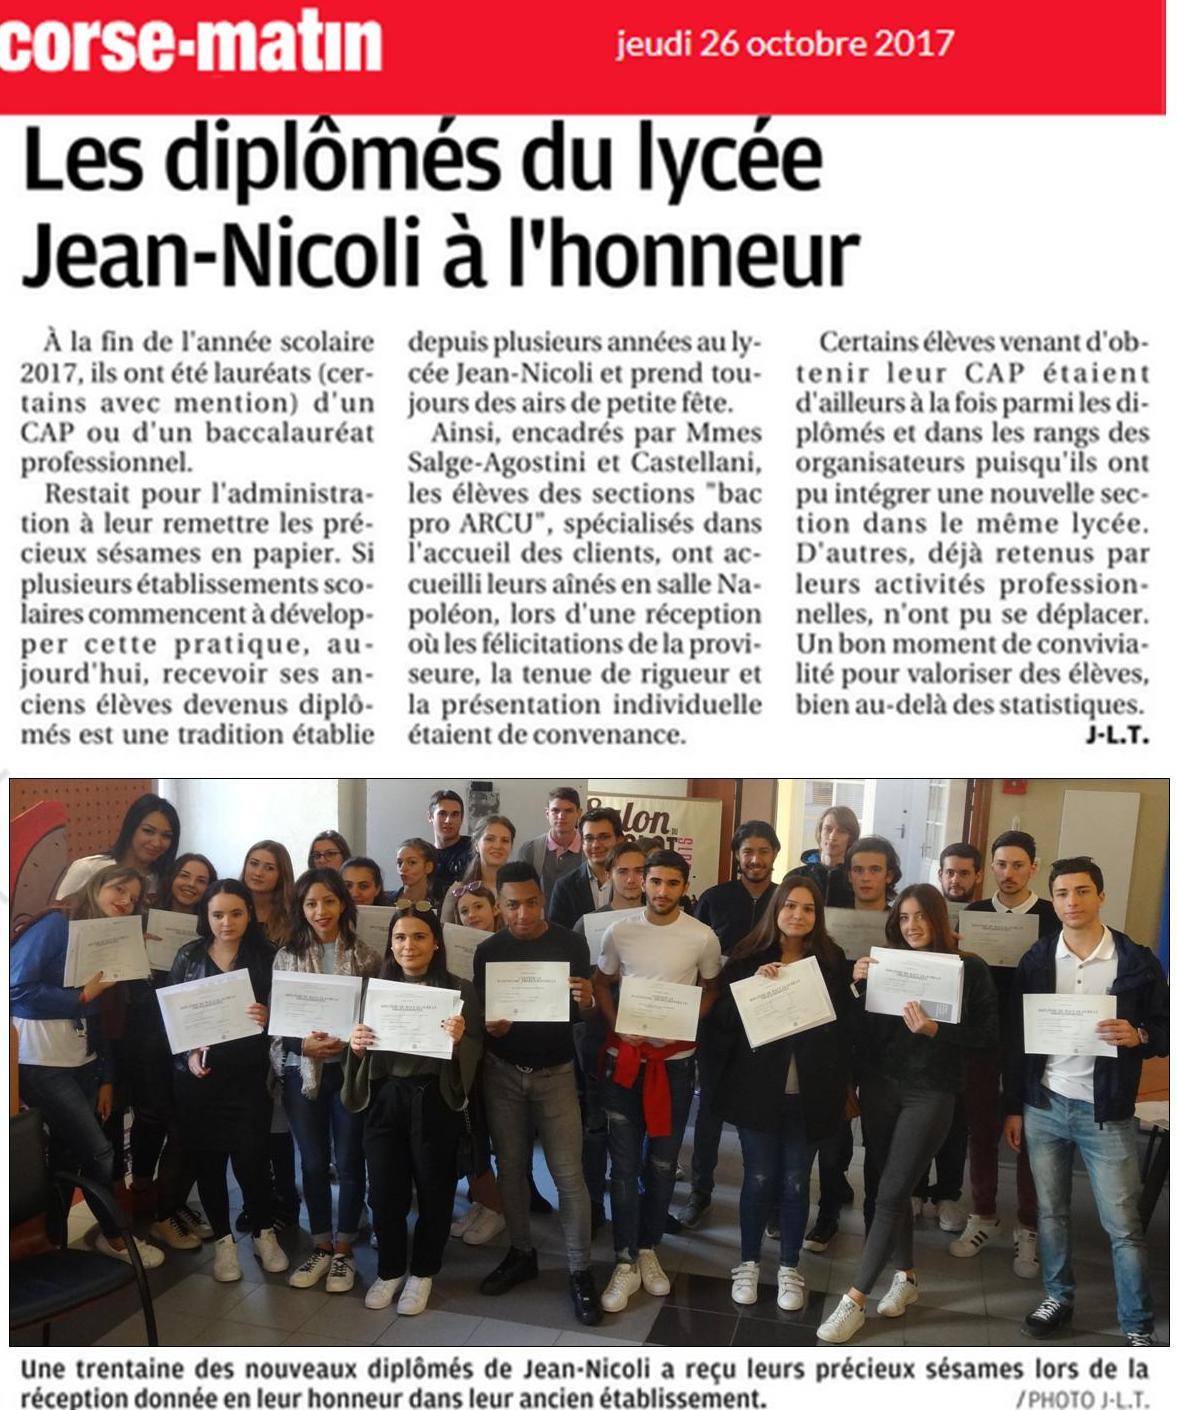 Les diplômés du Lycée Jean Nicoli à l'honneur dans la presse